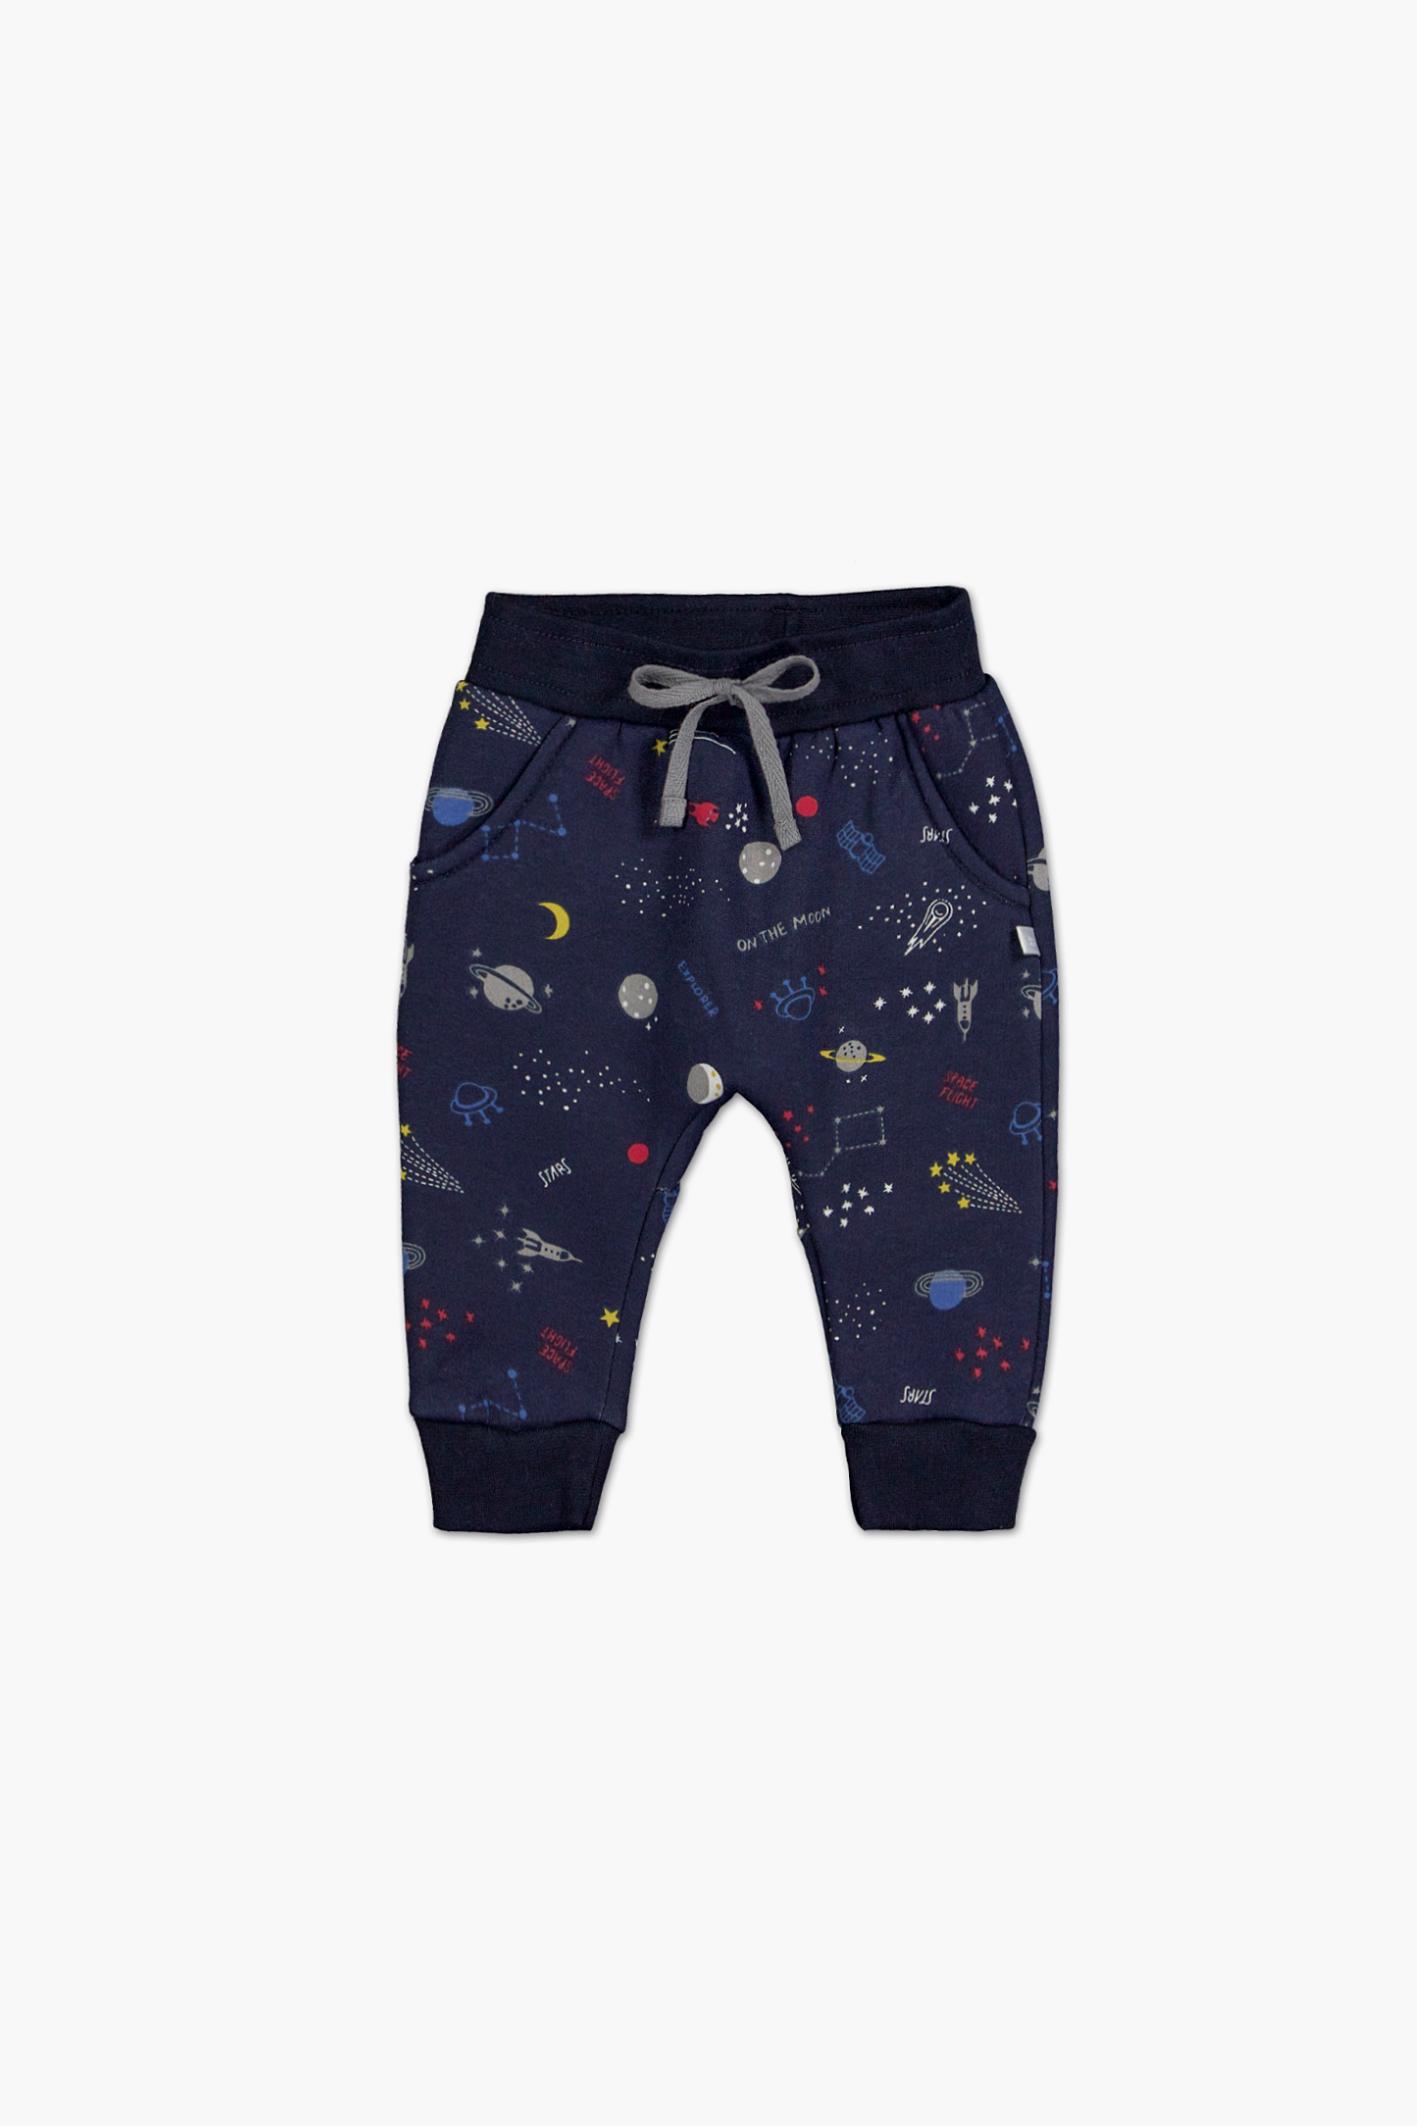 cheeky_by-pantalon-stp-jack-nb-l_13-06-2020__picture-60737